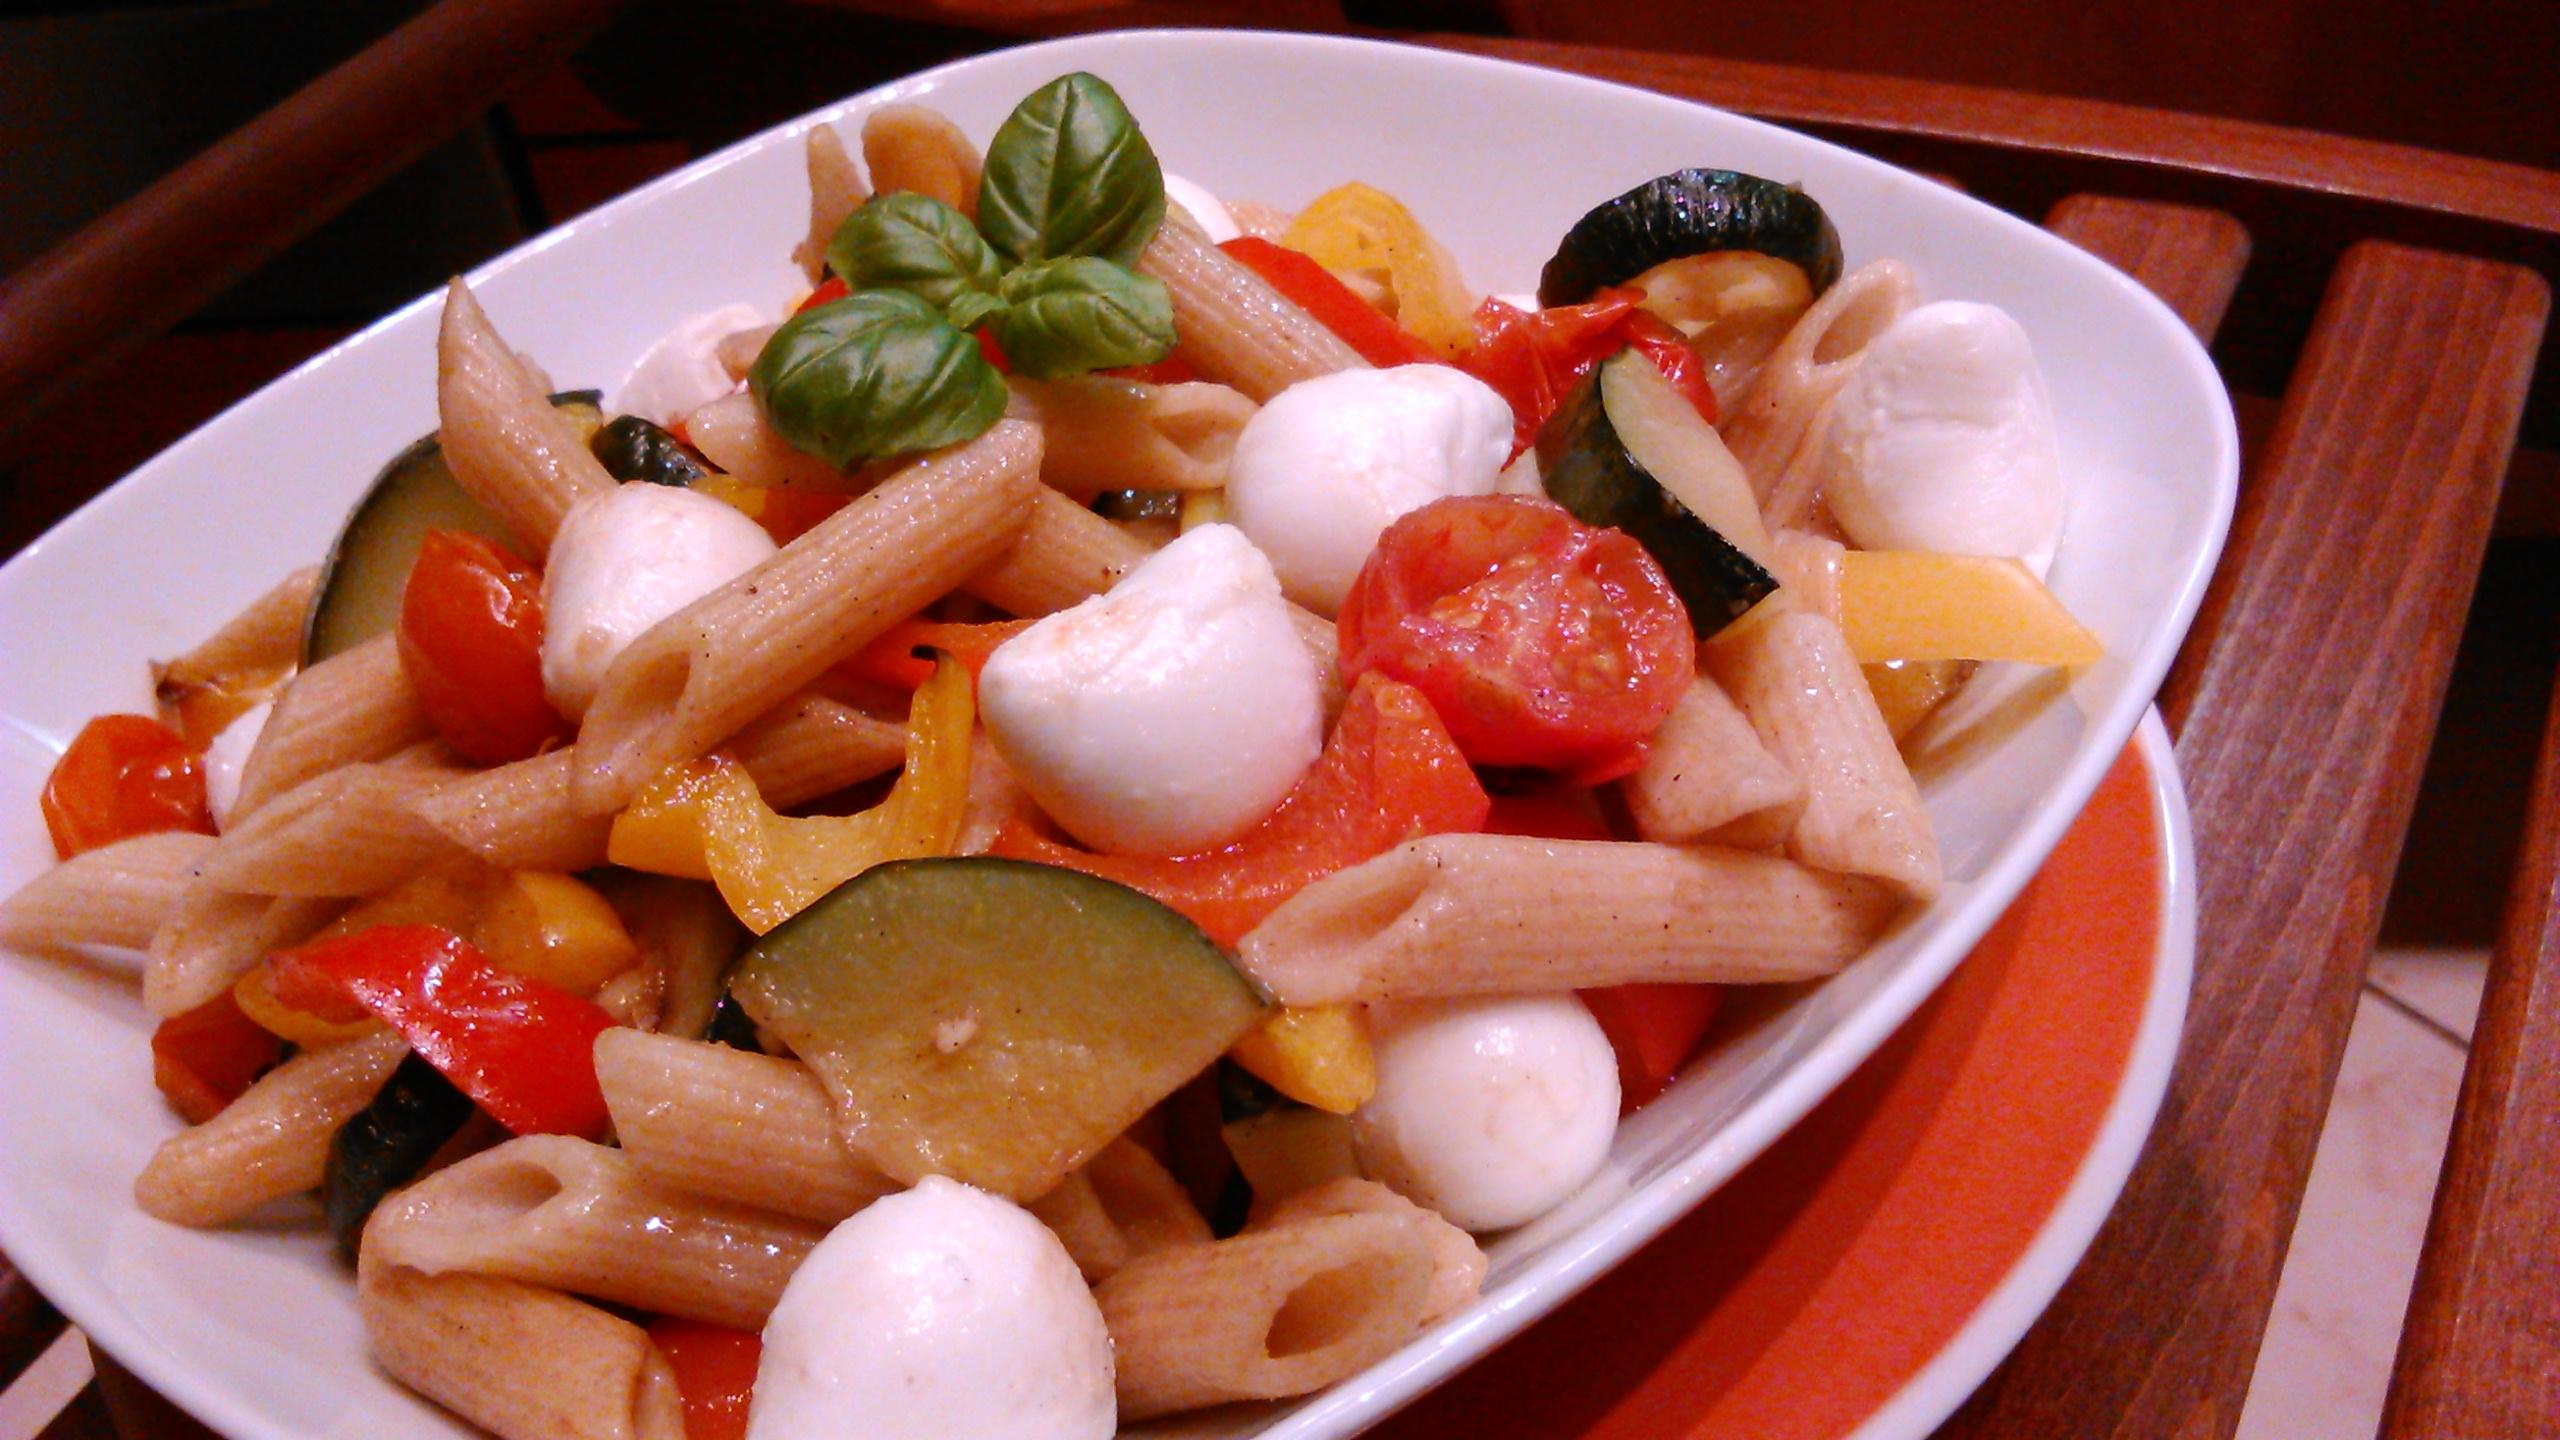 Zöldséges tésztasaláta – grillezett zöldségekből